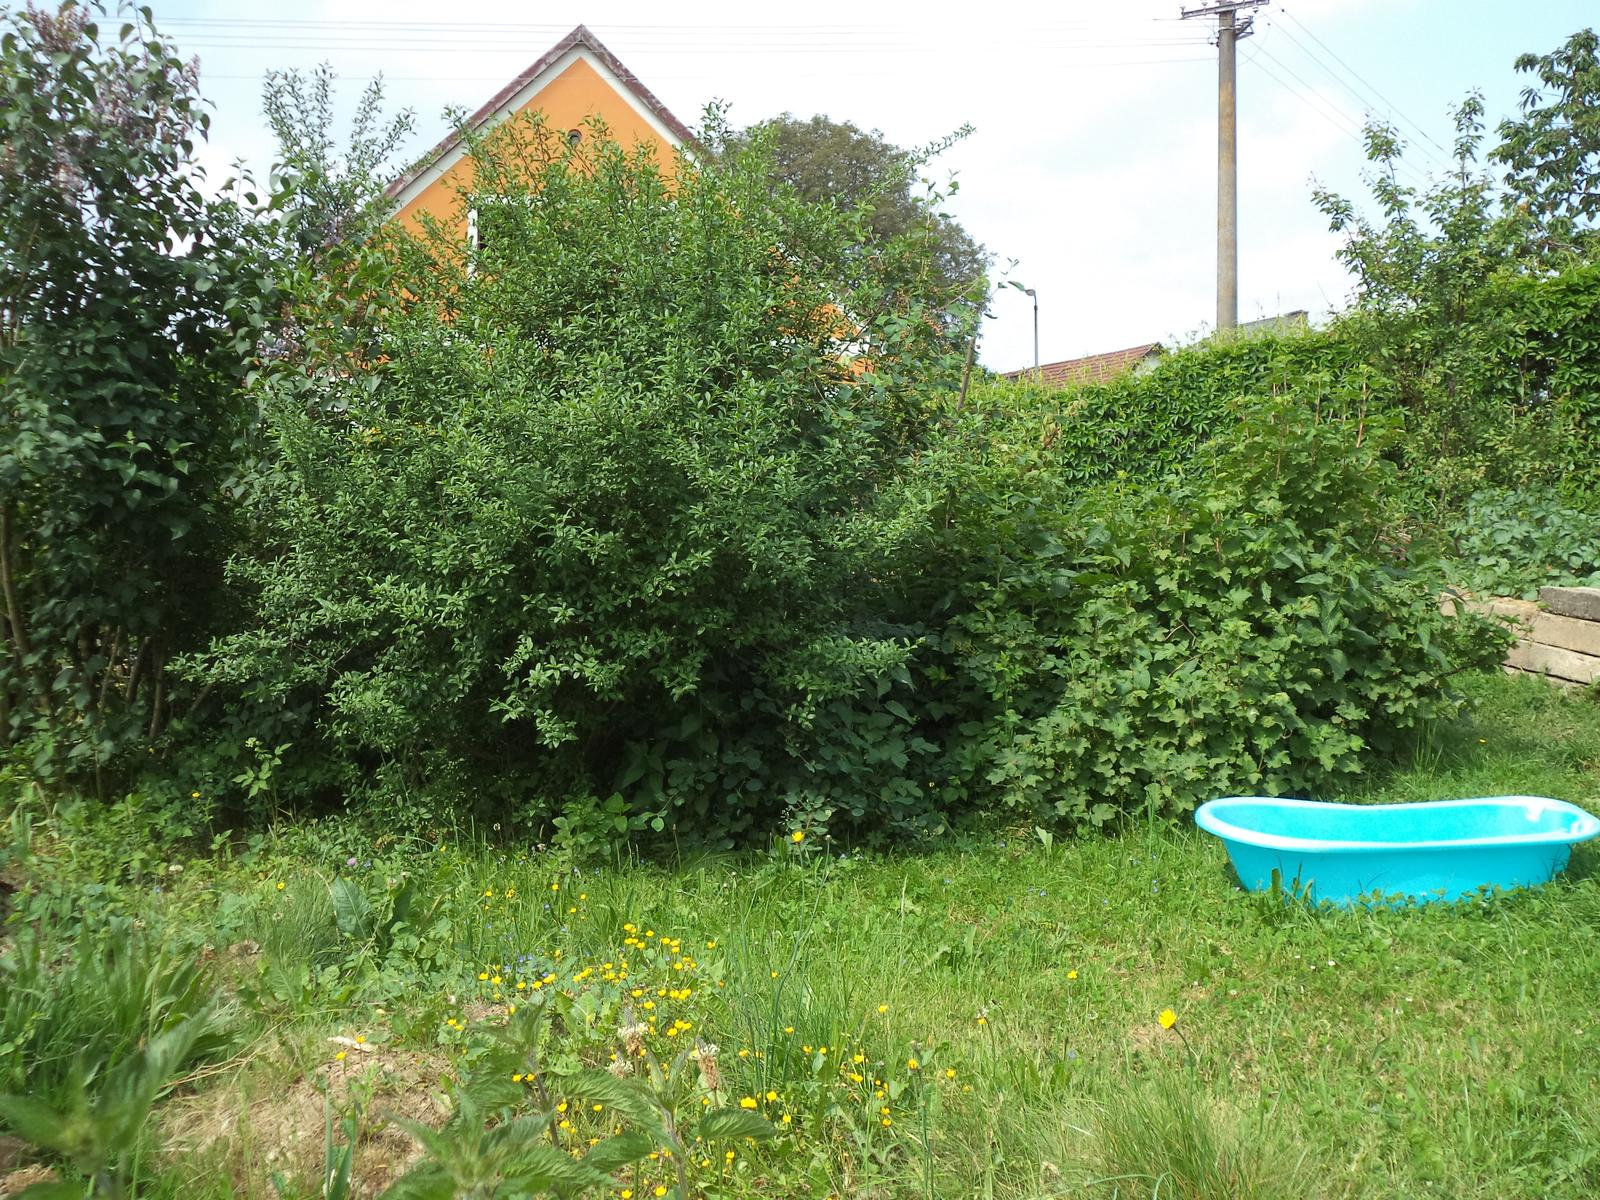 Zahrádkové - Za keříky je kompost... (vana je tam dočasně na zalévání, protože hadice nám nedosáhne všude)